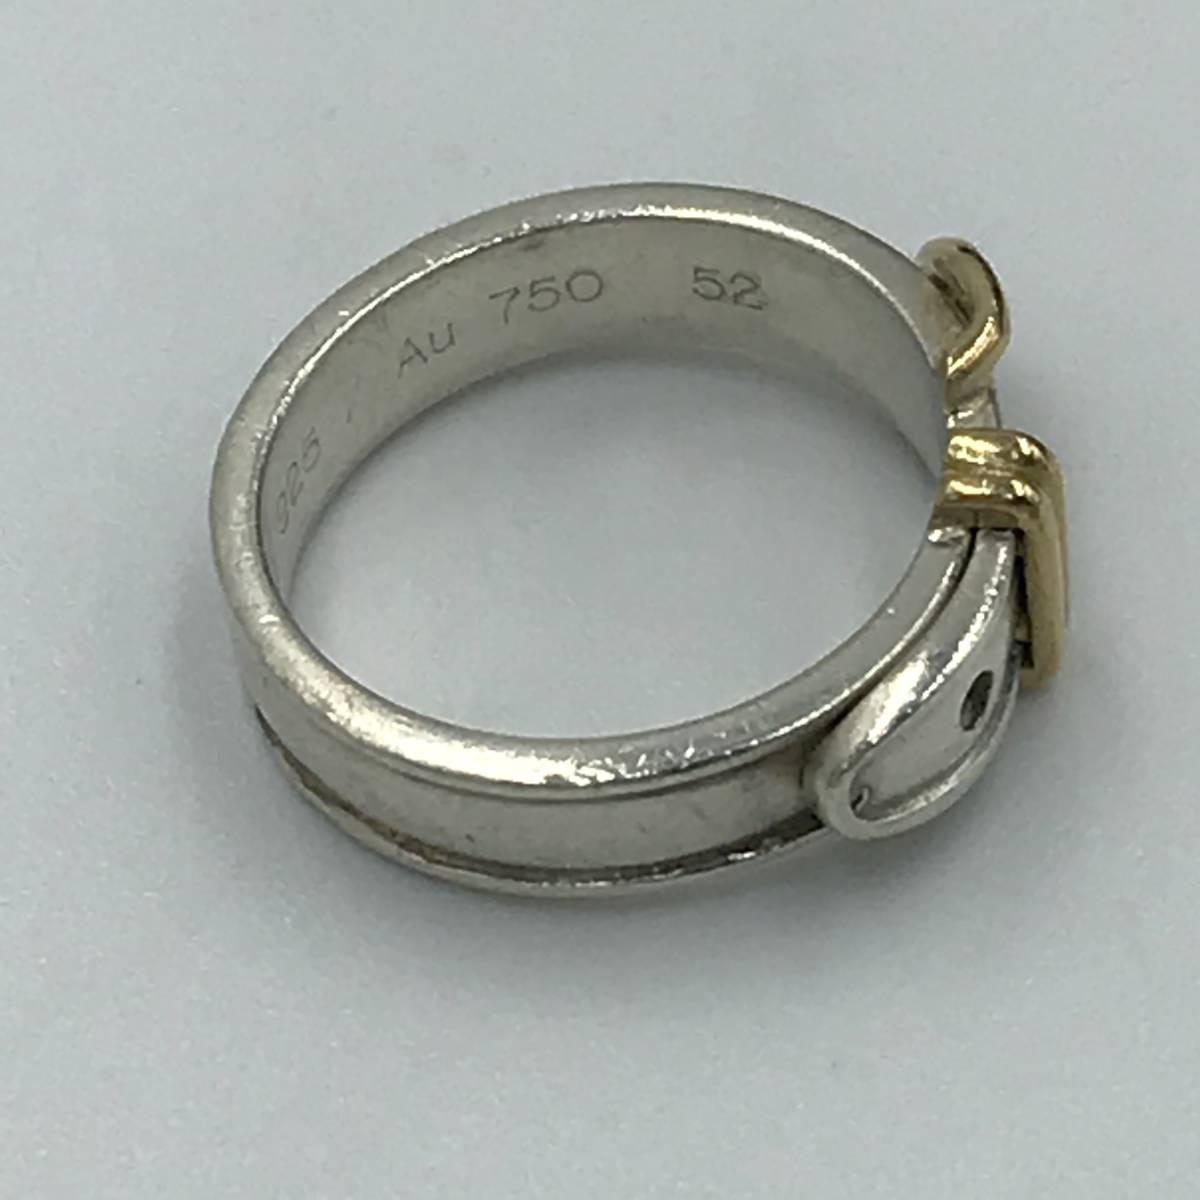 【 1円スタート 】HERMES エルメス ベルトモチーフ リング 指輪 SV925 AU750 ( K18 ) 52 サイズ # 12_画像2